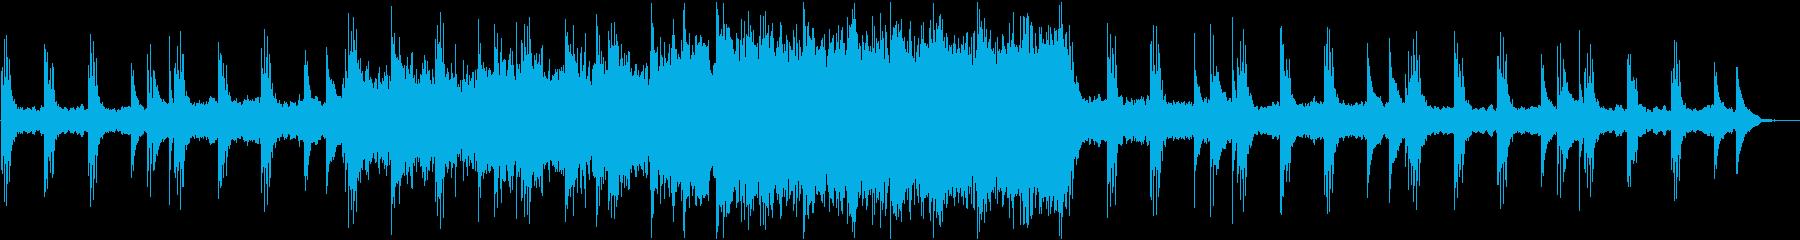 映画/壮大/電子音/未来/幕開け/始まりの再生済みの波形